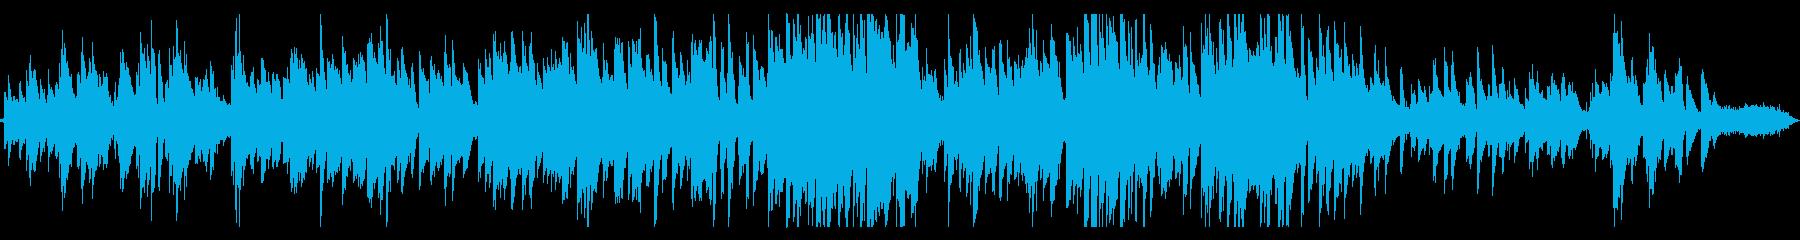 海とピアノ ゆるやかなボサノバの再生済みの波形